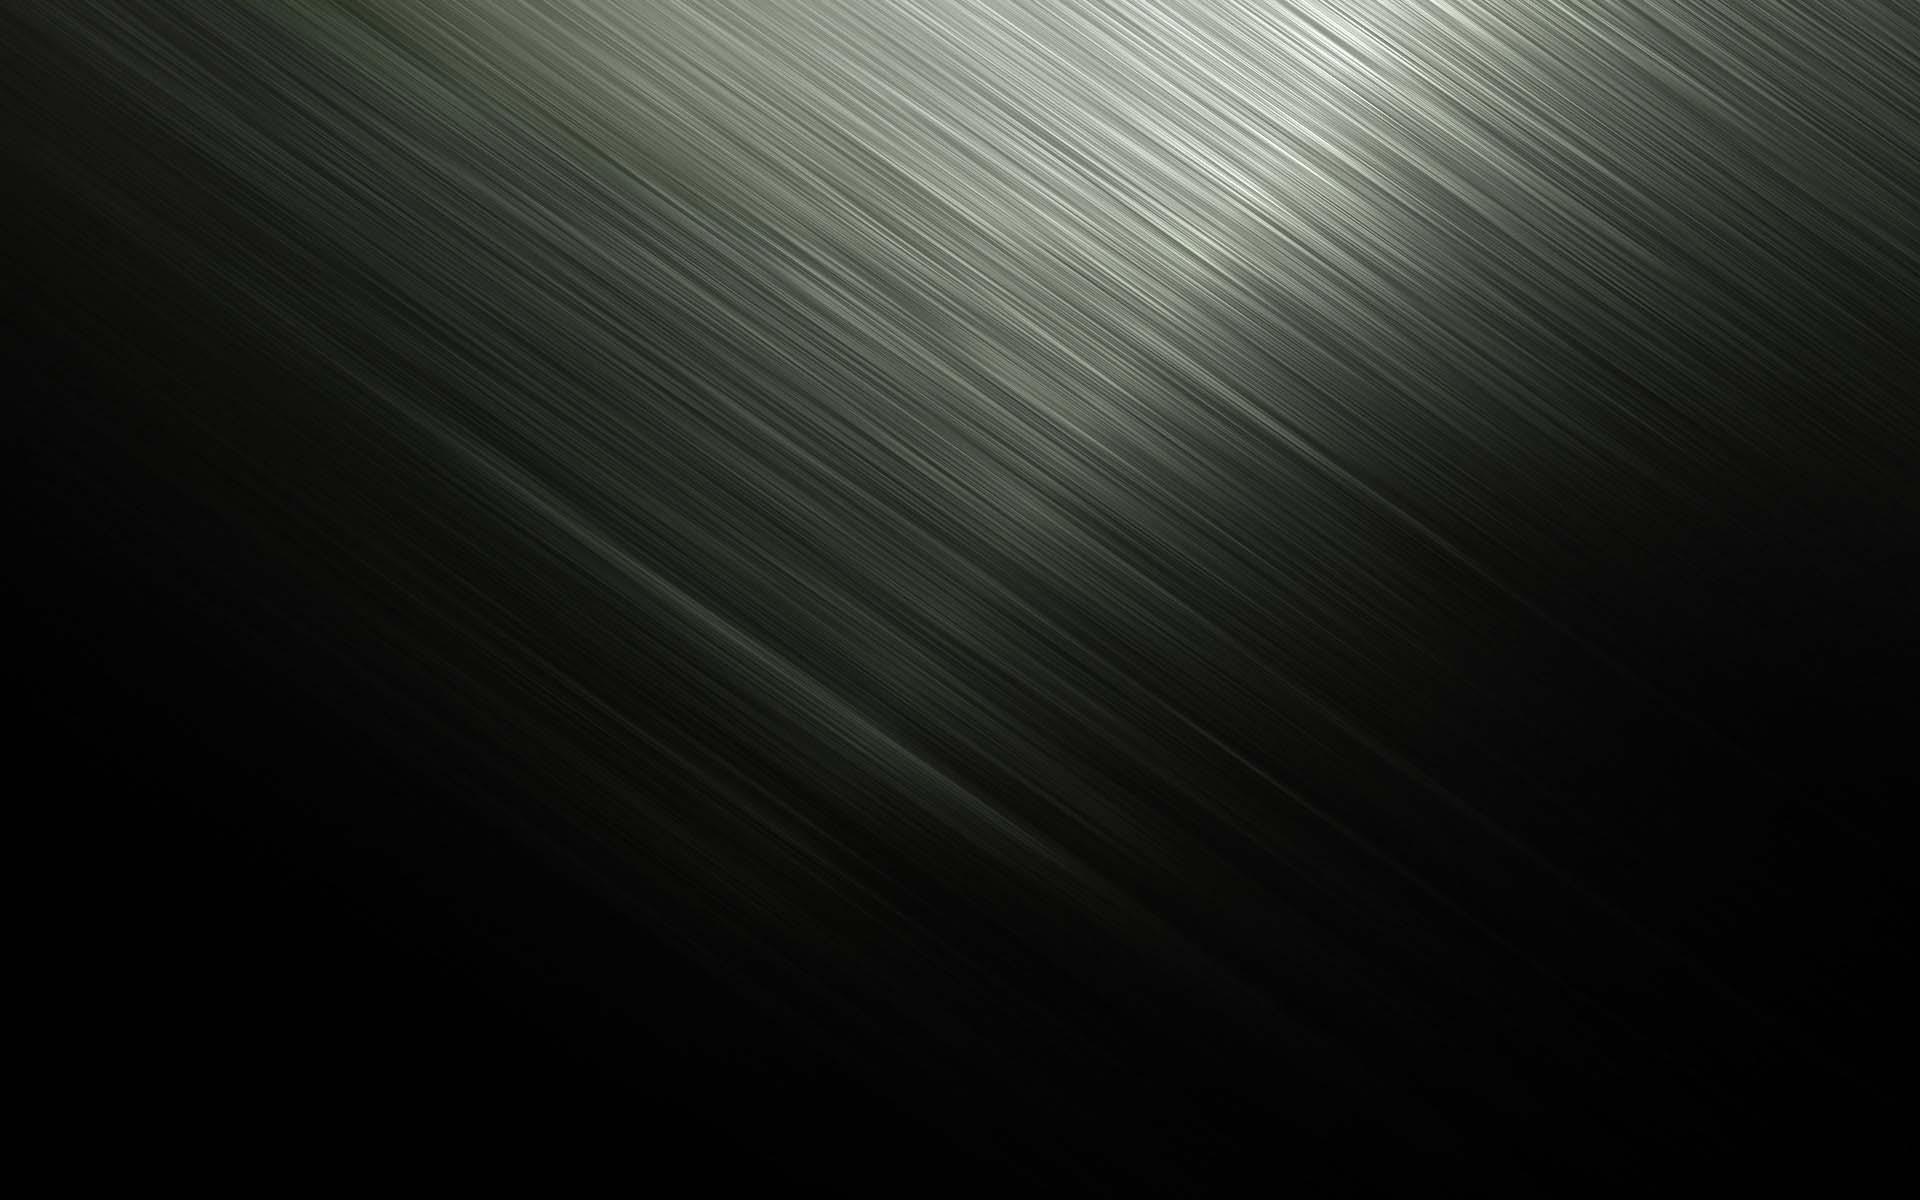 Hình nền đen đẹp nhất cho pc